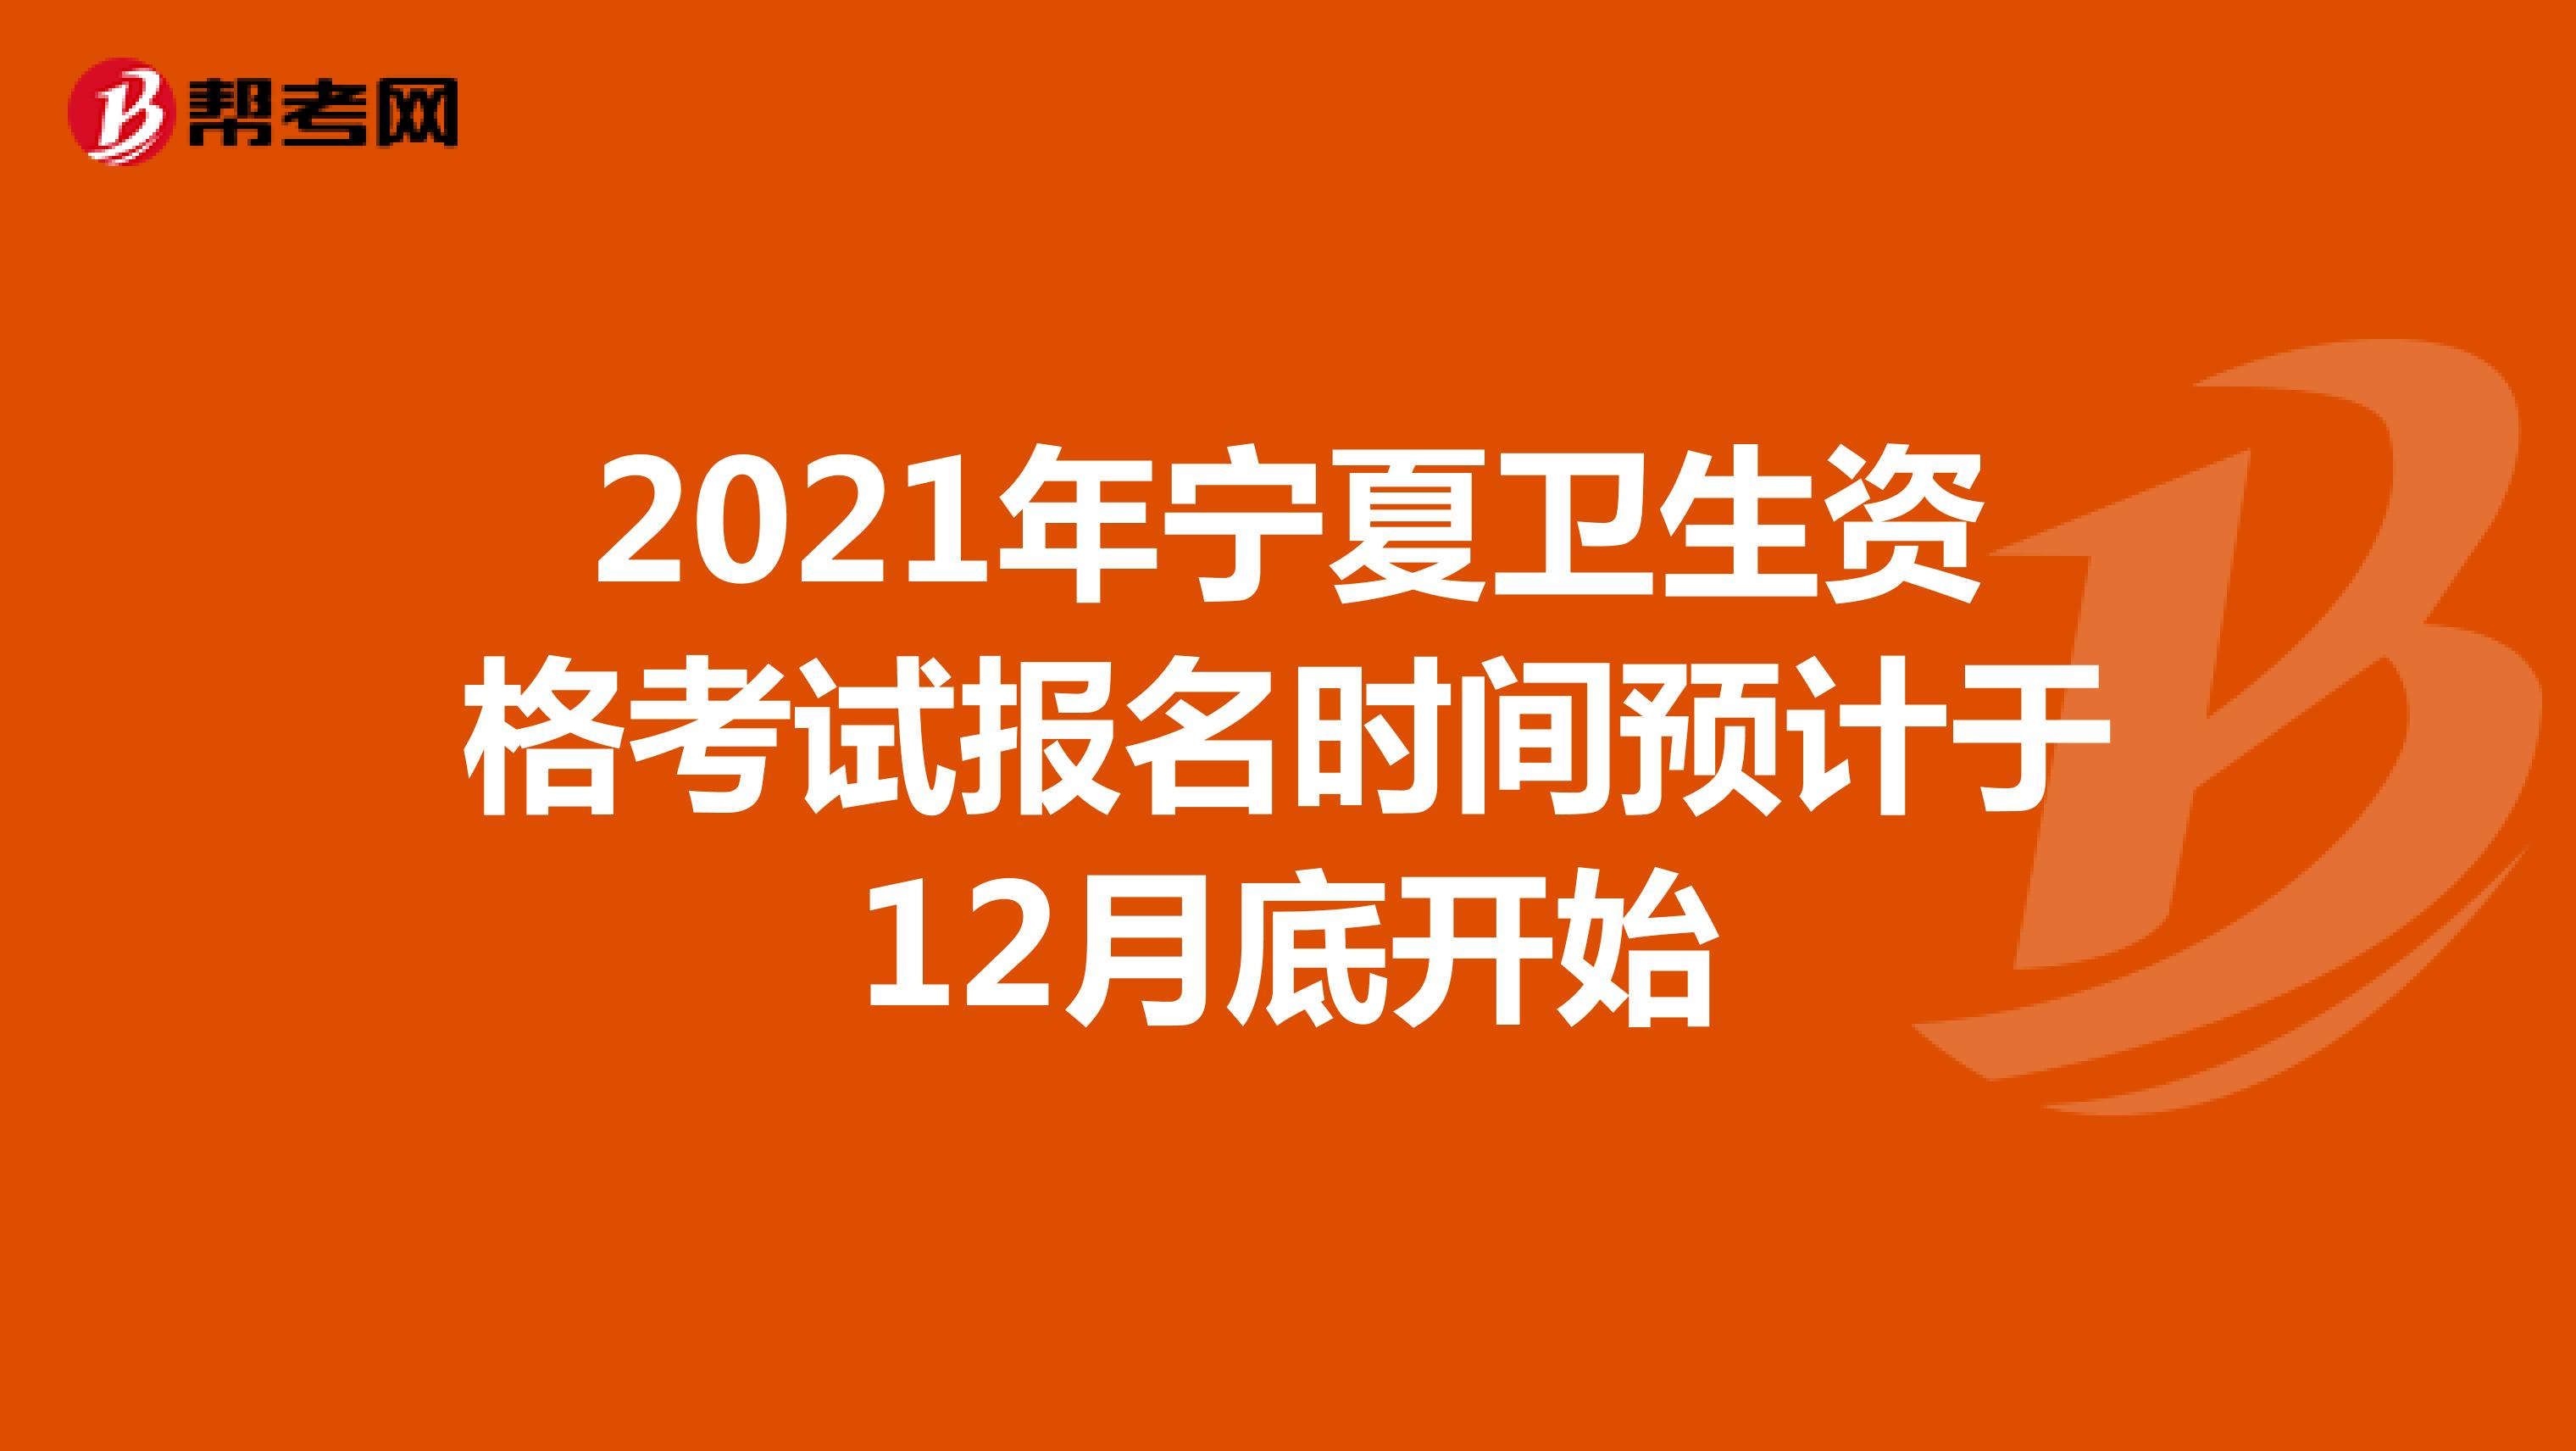 2021年宁夏卫生资格Beplay官方报名时间预计于12月底开始